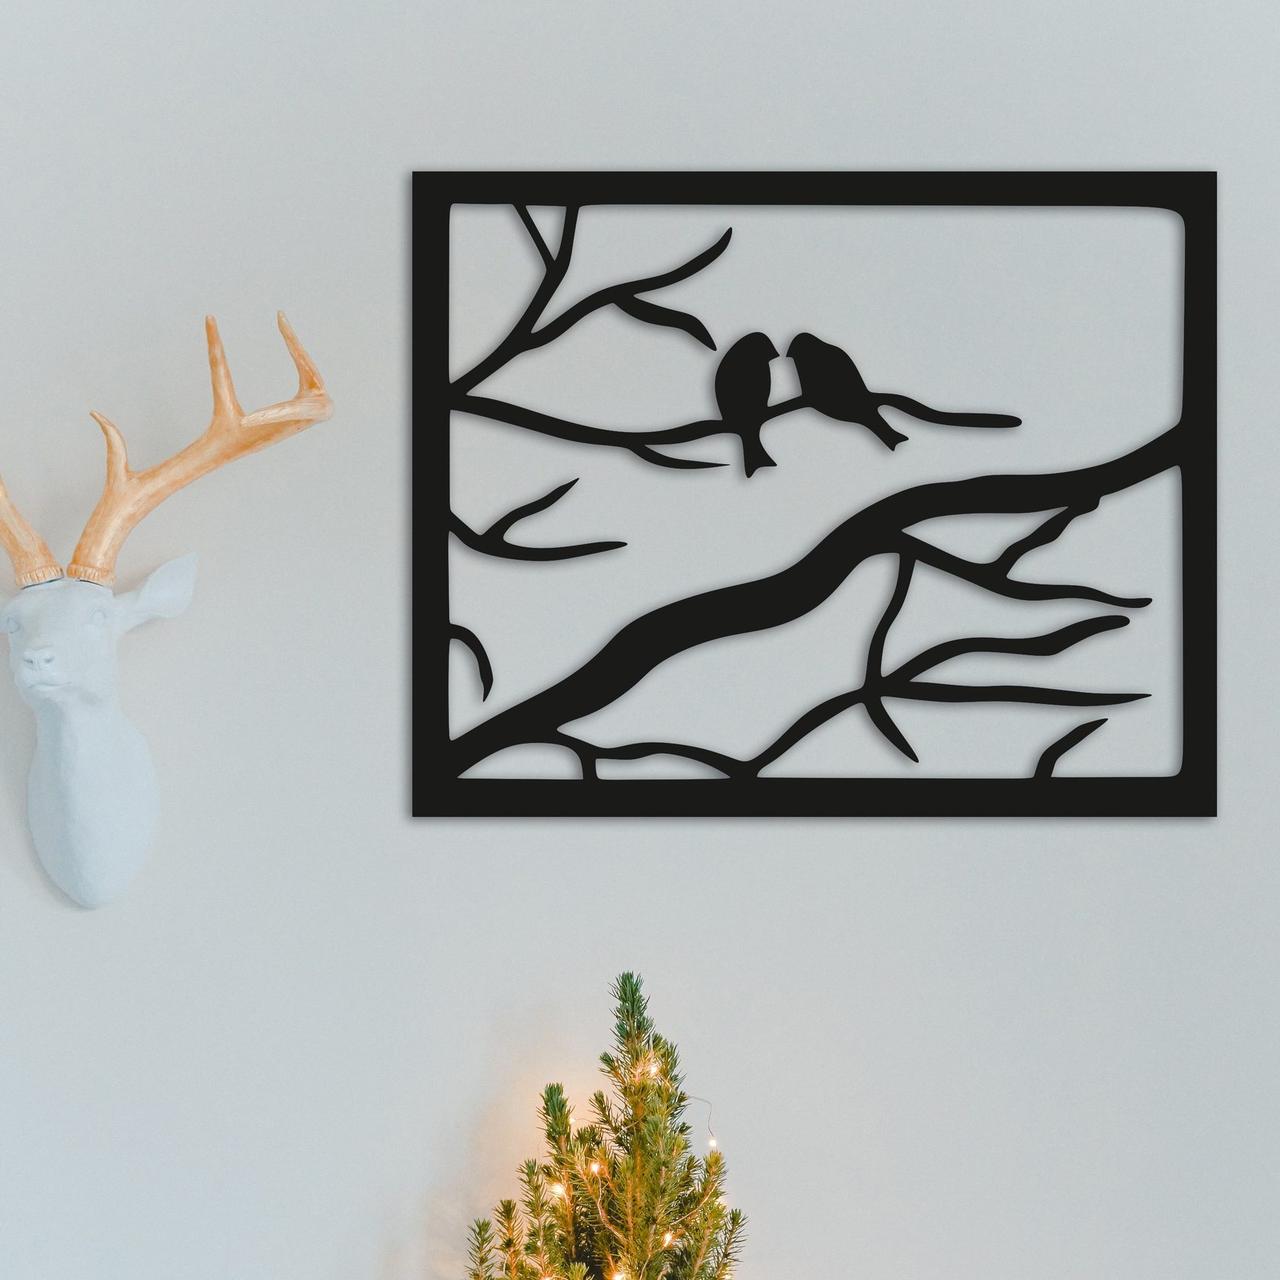 Картина из дерева Decart Птицы в рамке 50х40 см